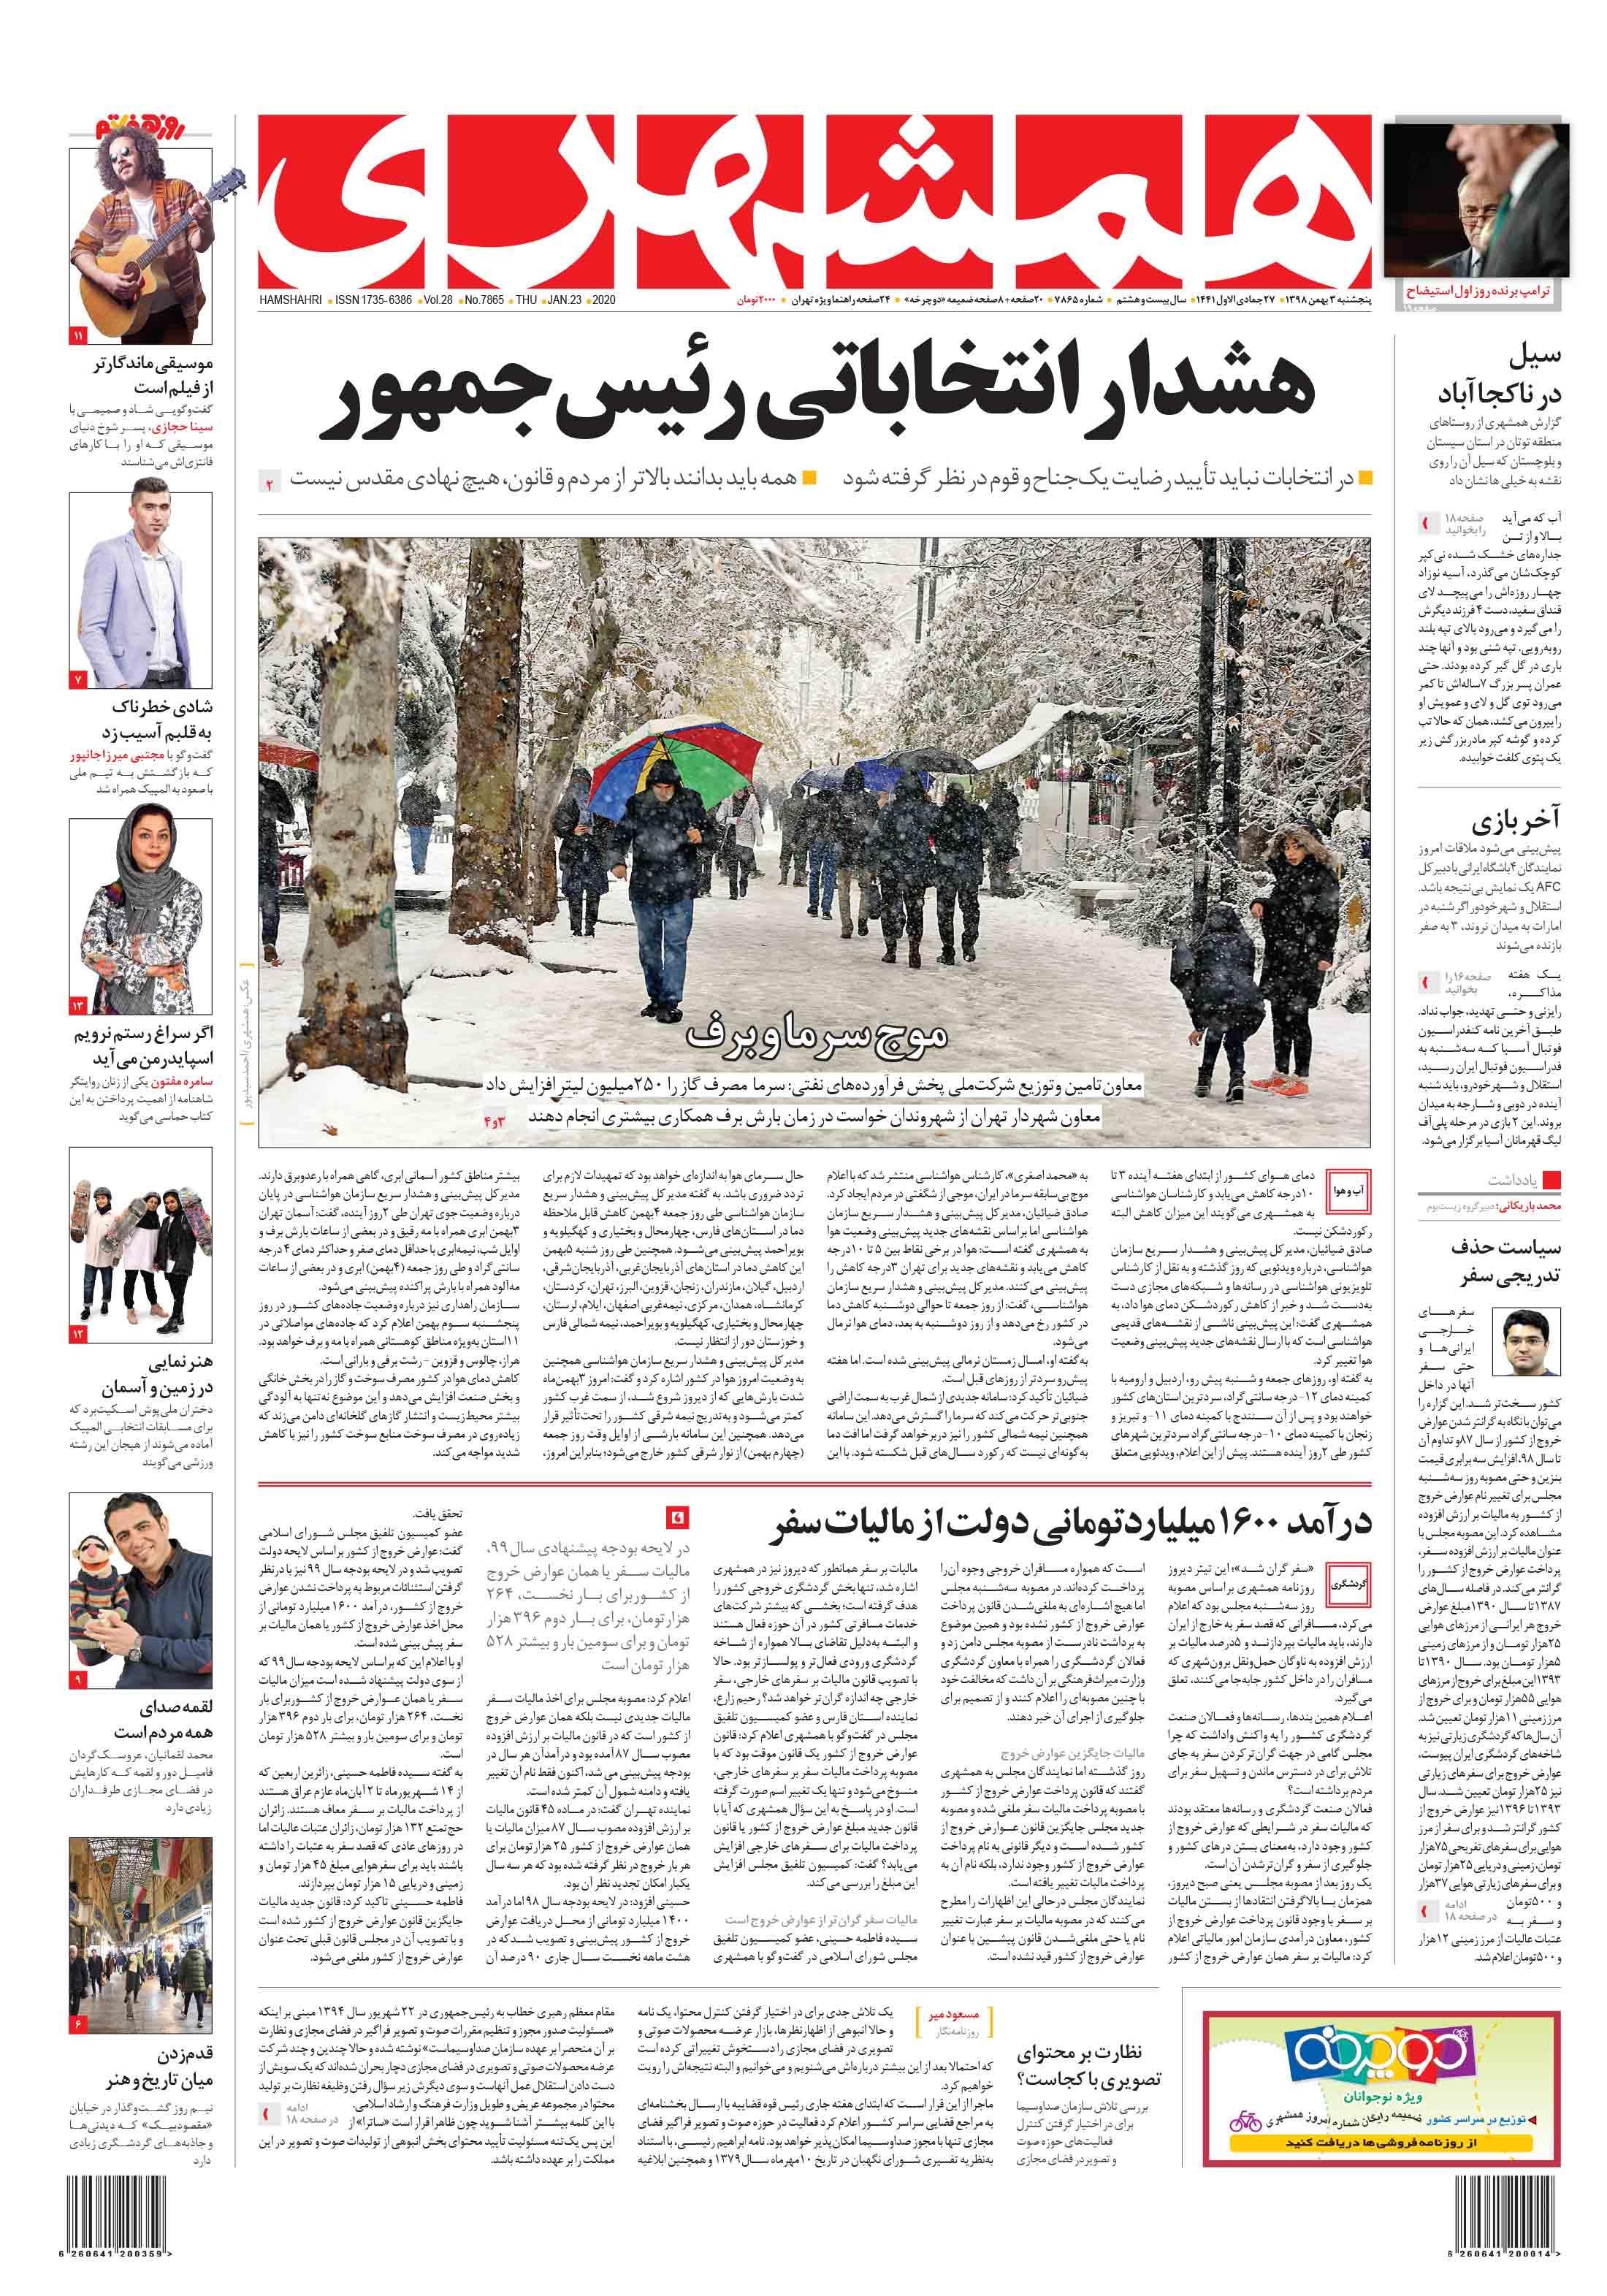 صفحه اول پنجشنبه 3 بهمن 1398